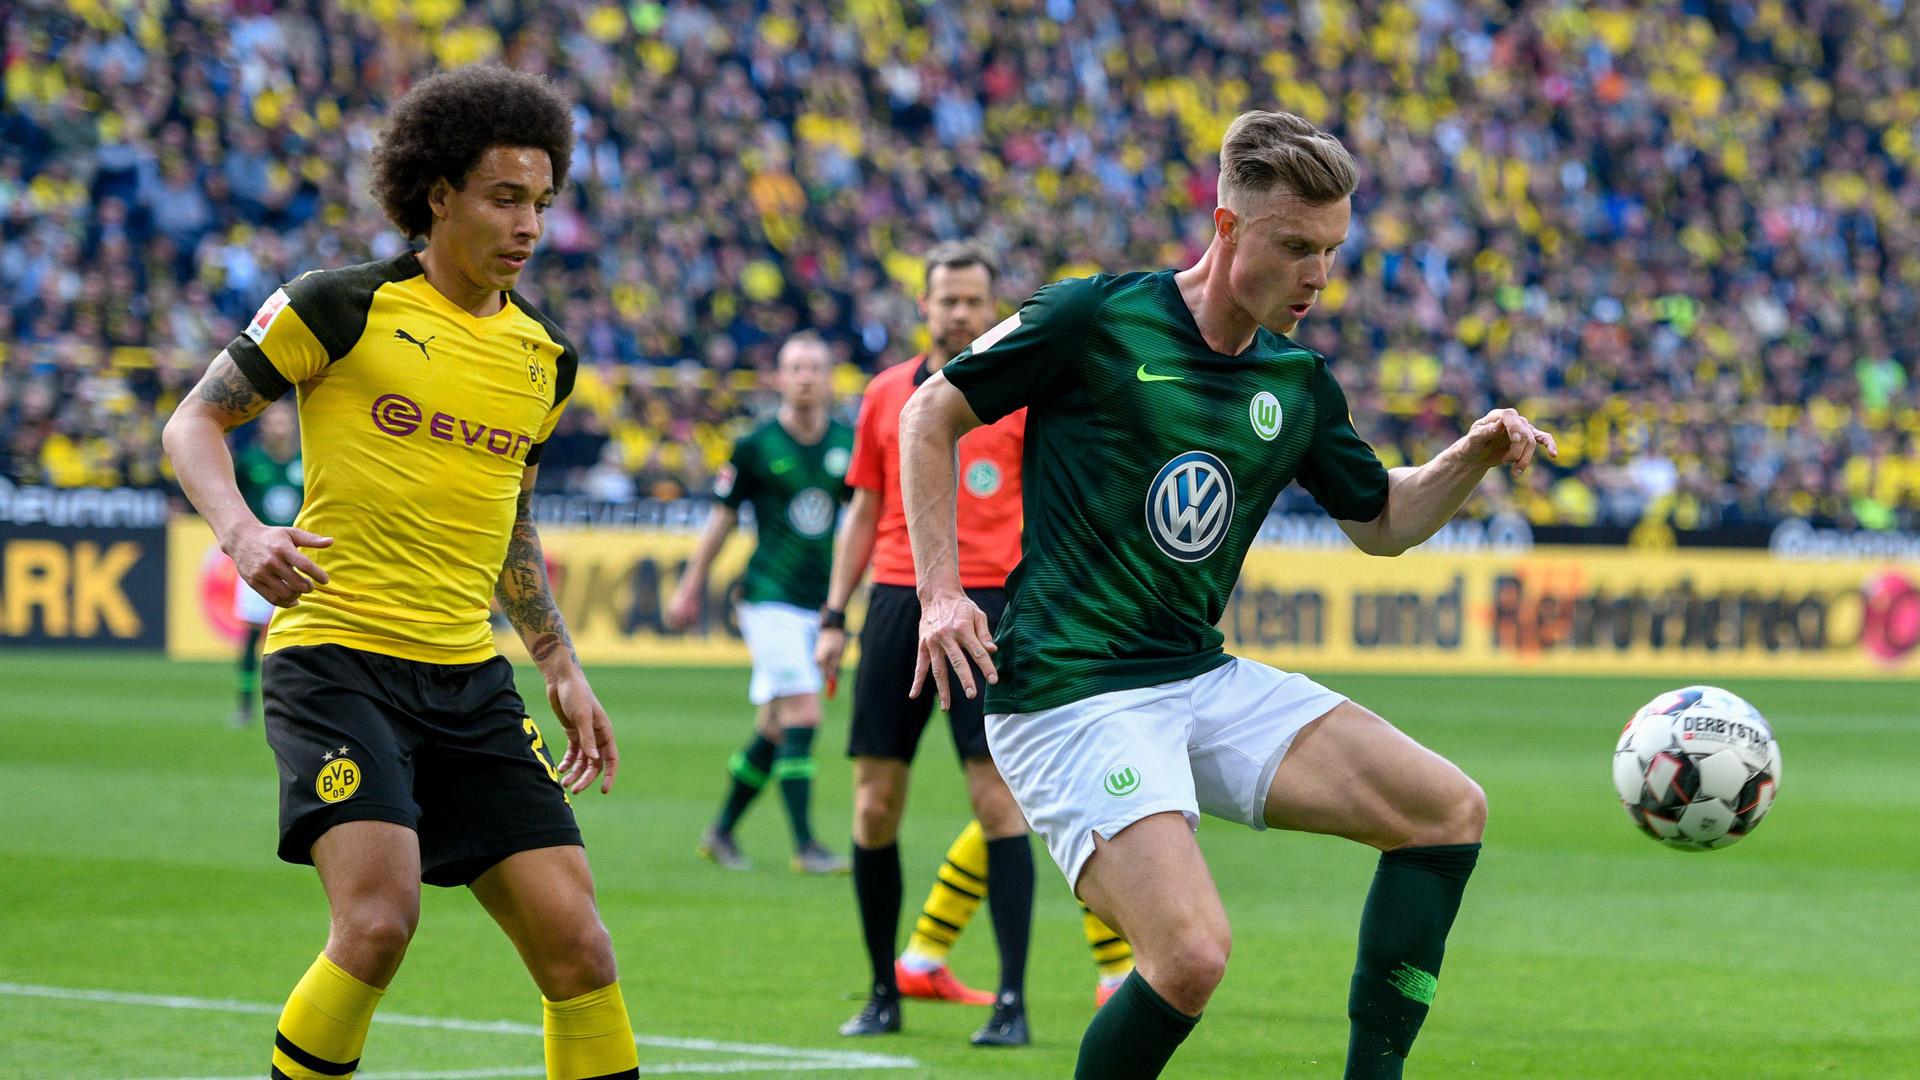 Bundesliga Kostenlos Schauen Ohne Anmeldung